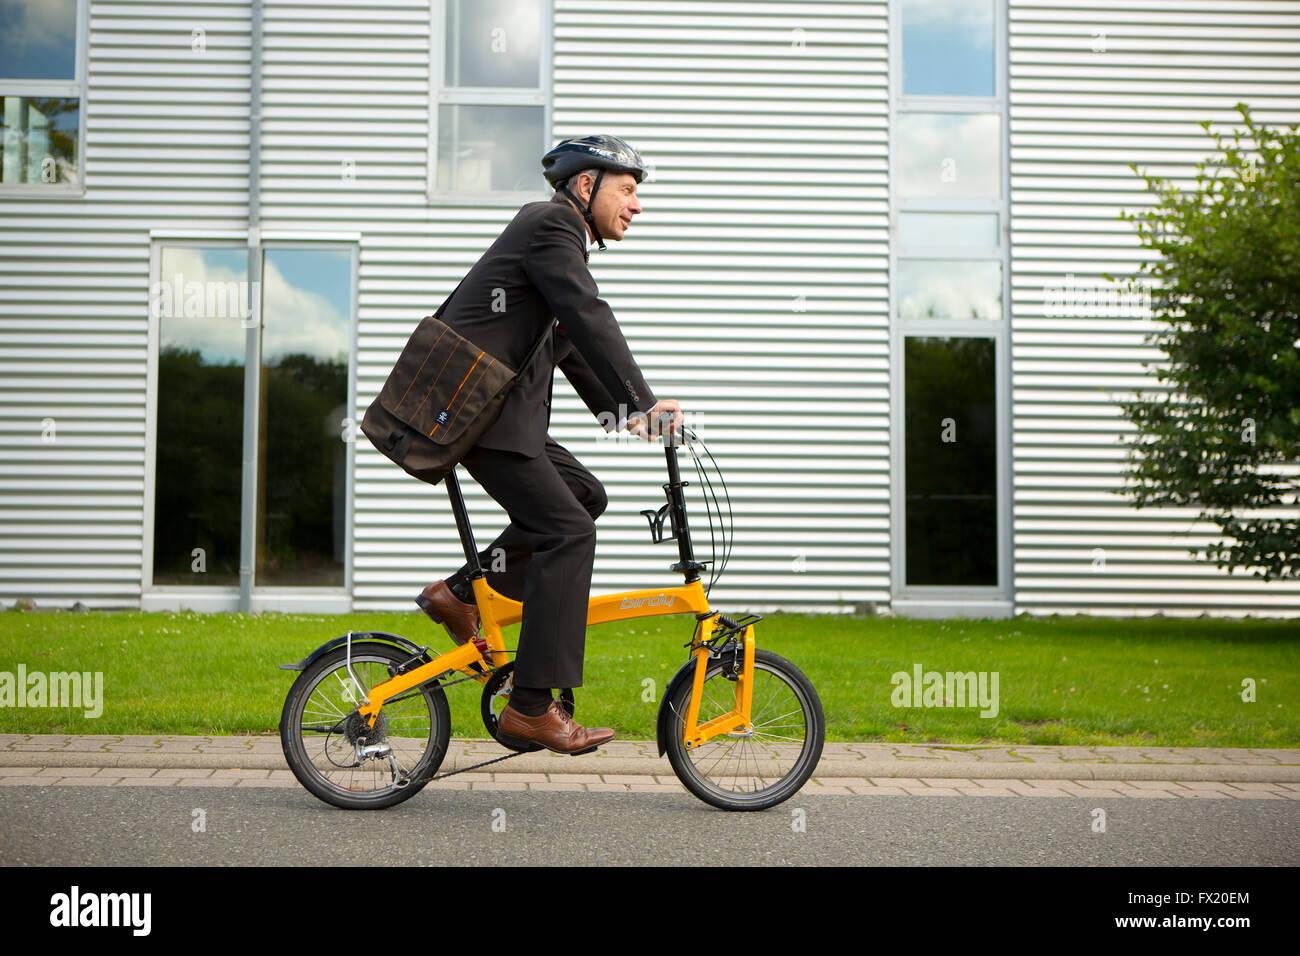 Geschäftsmann mit Helm Reiten ein Faltrad zu arbeiten Stockbild